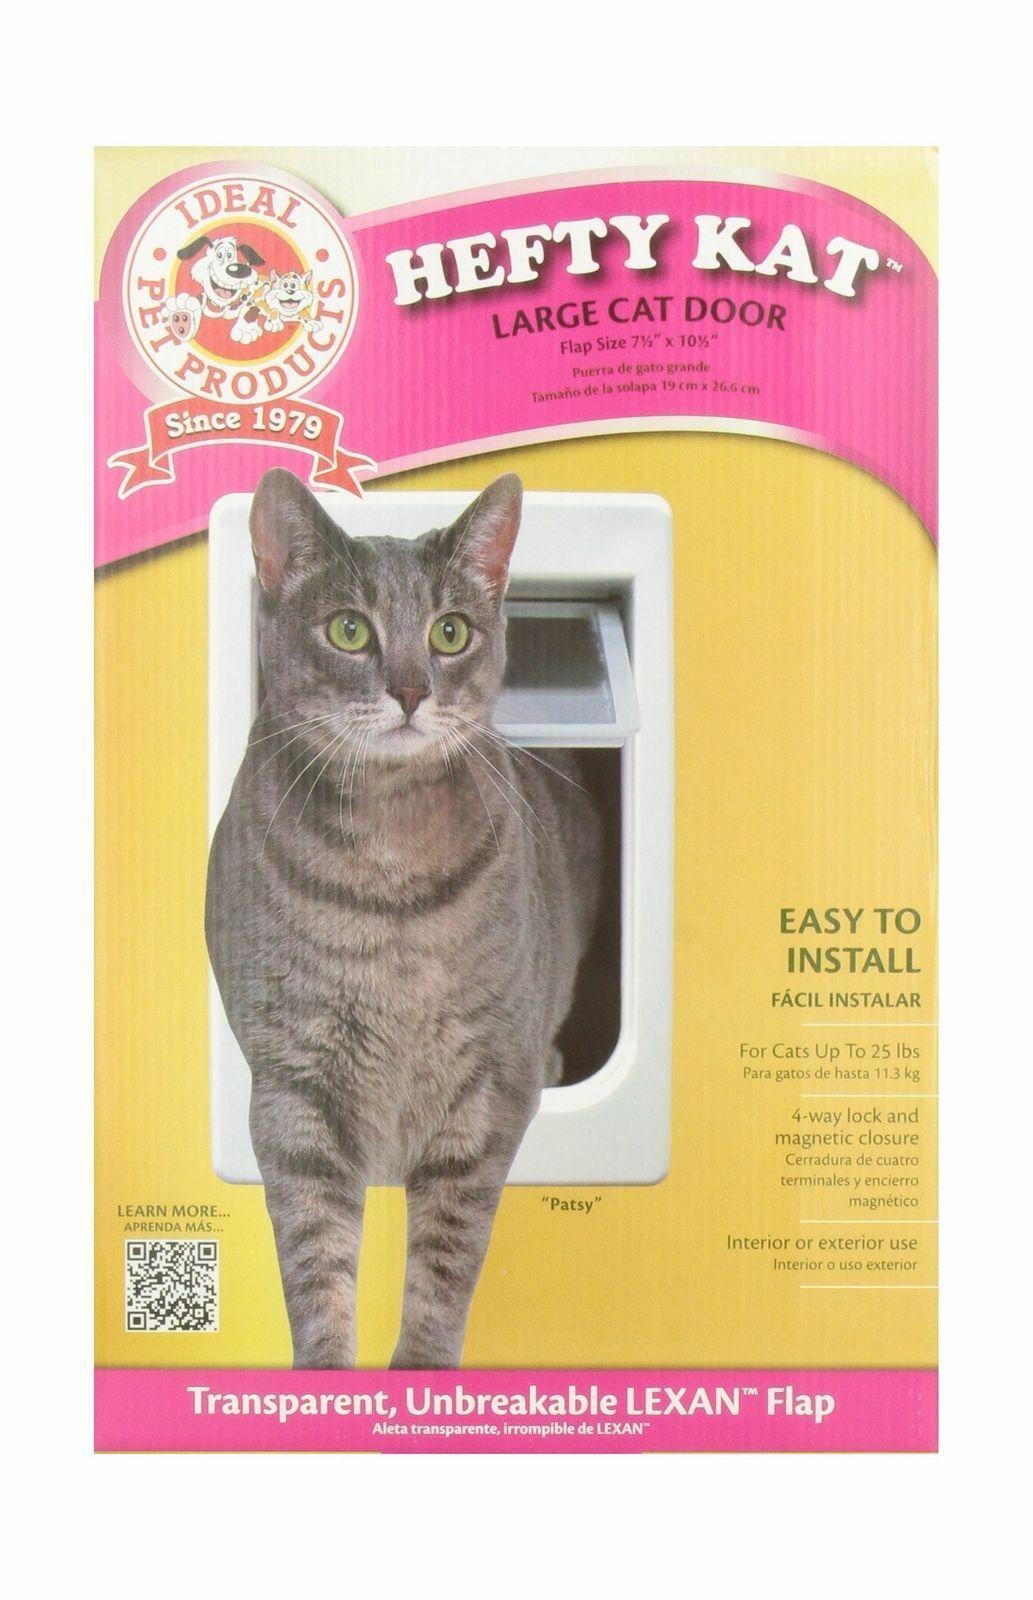 Chubby kat doors